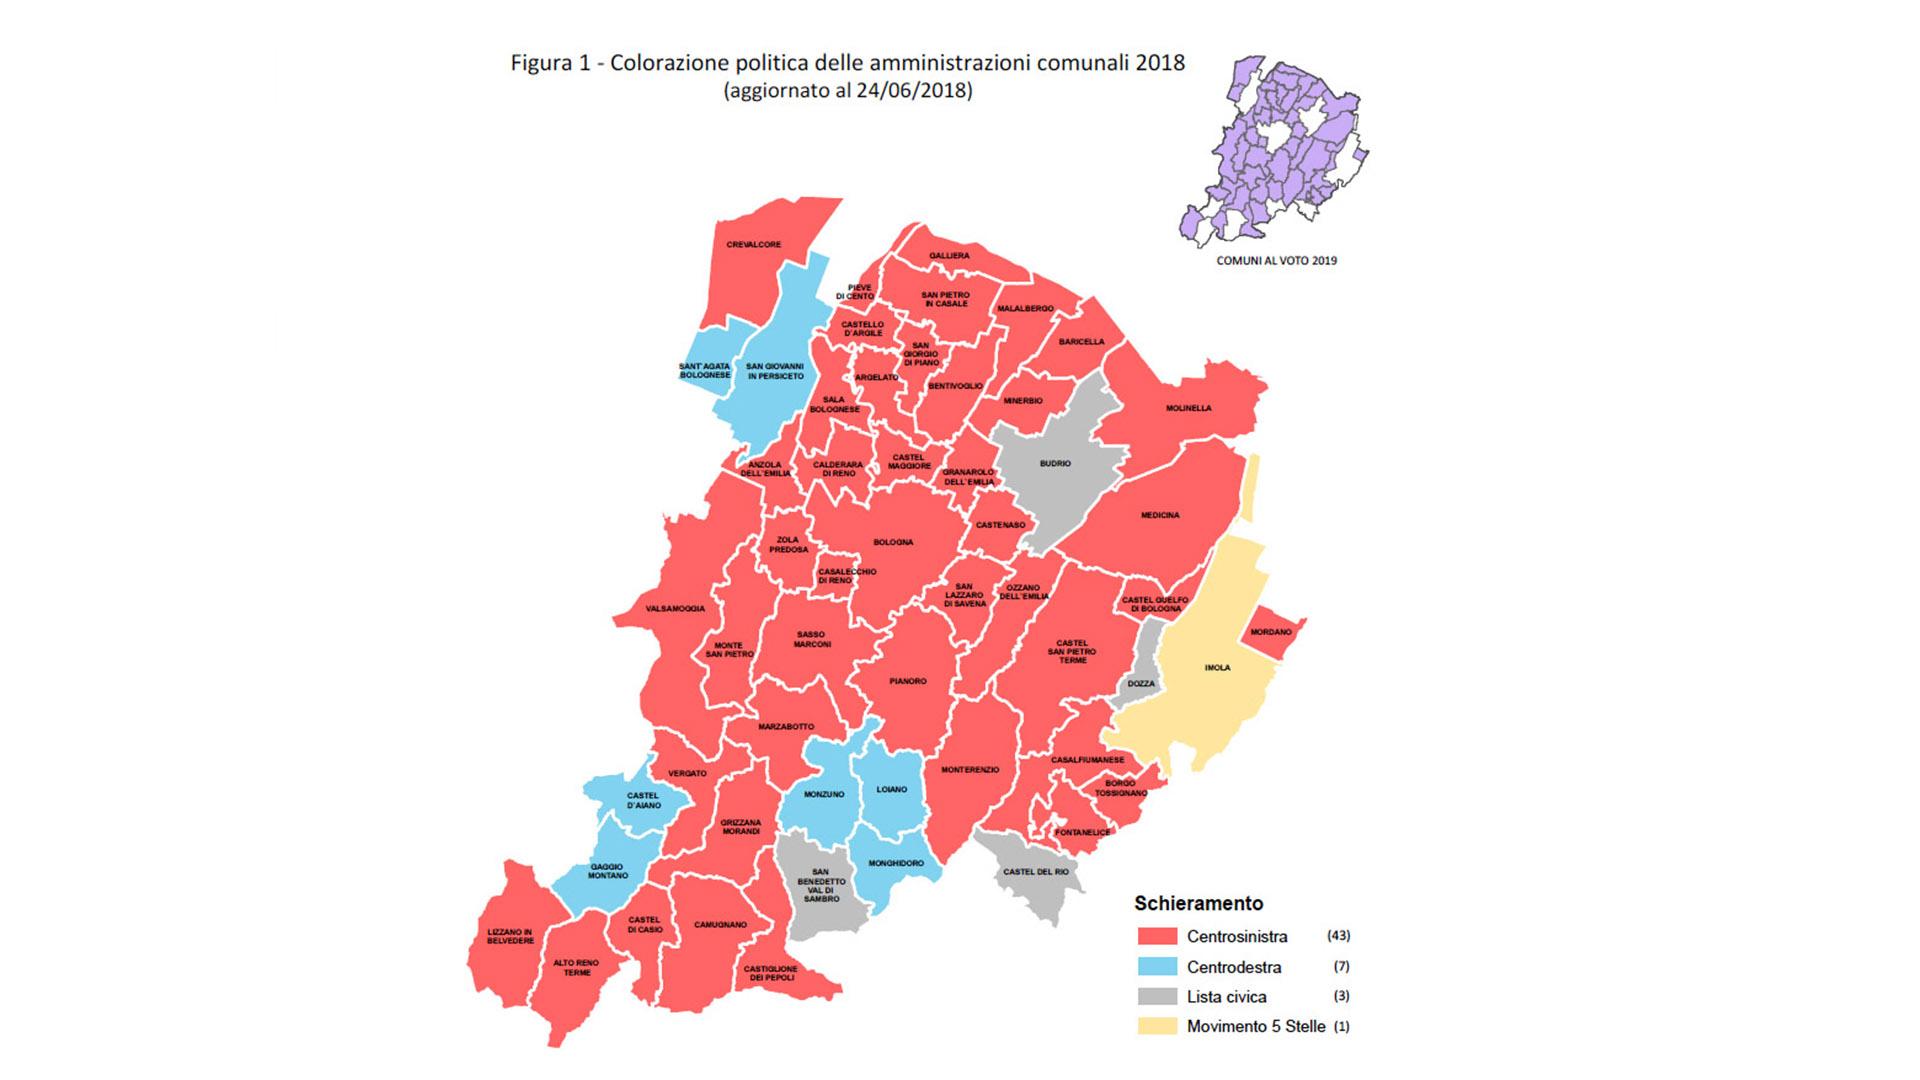 Colorazione politica delle amministrazioni comunali del 2018 (aggiornato al 24/06/2018)